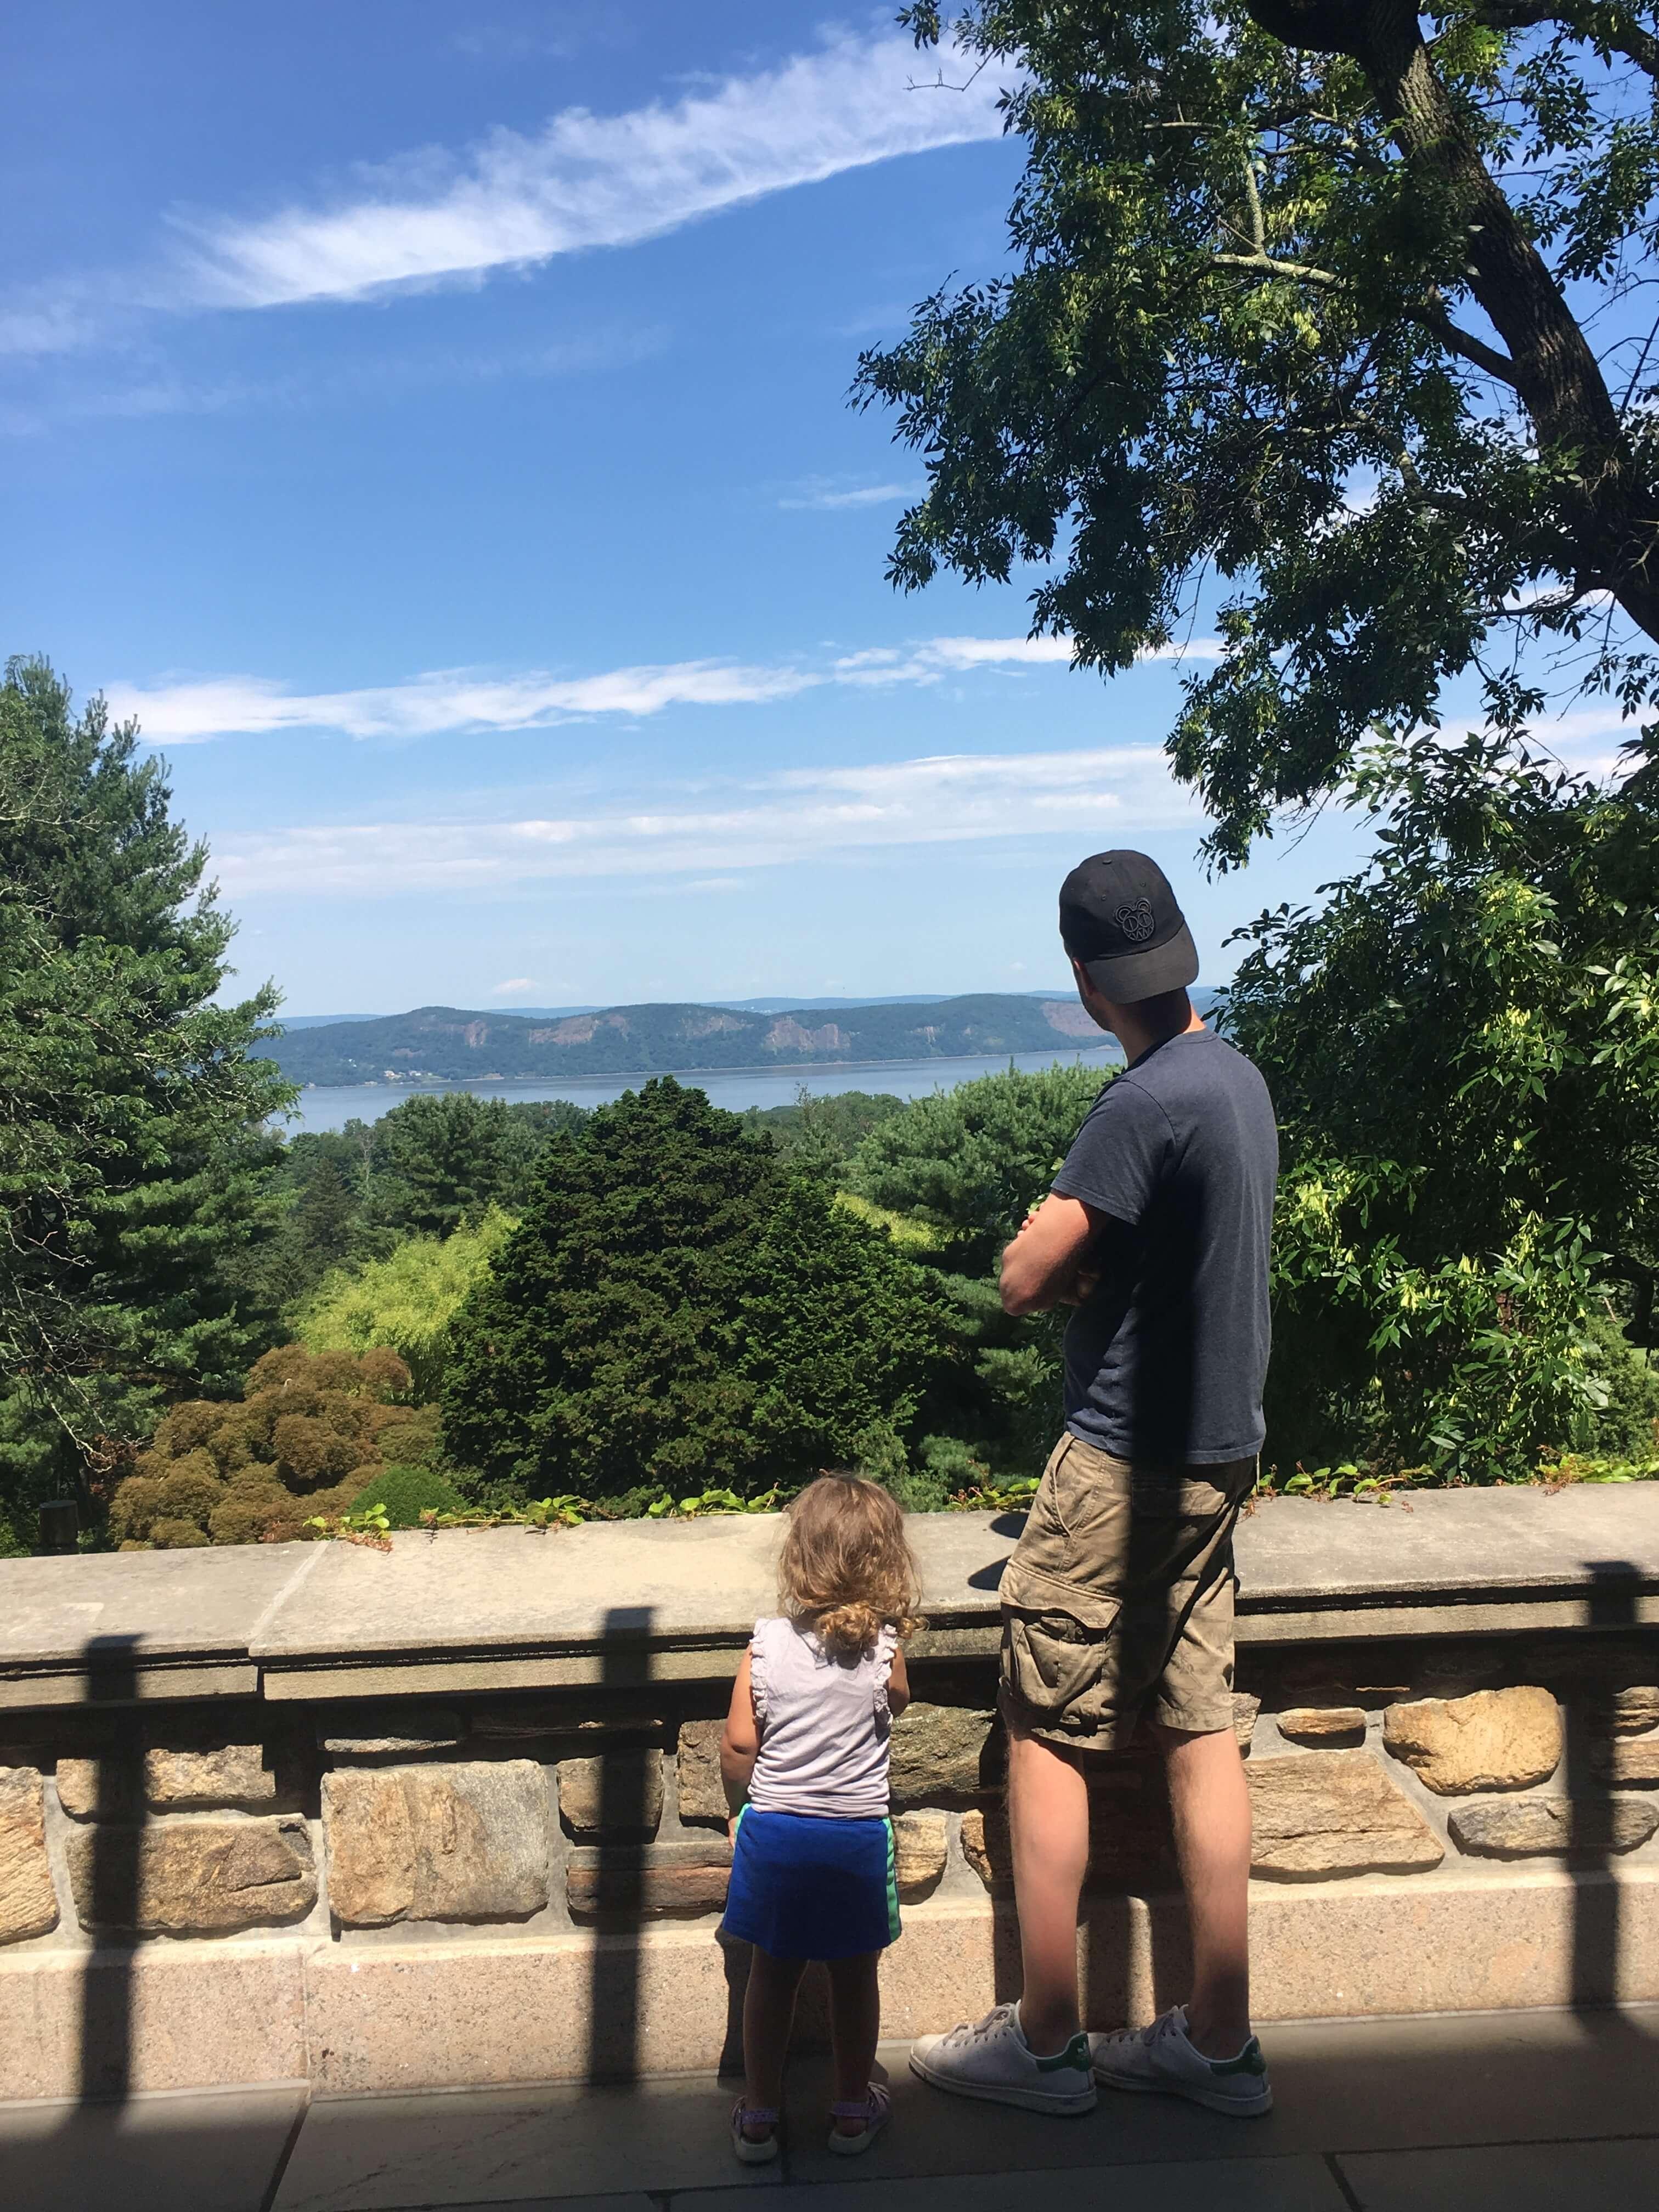 Kykuit views of hudson valley